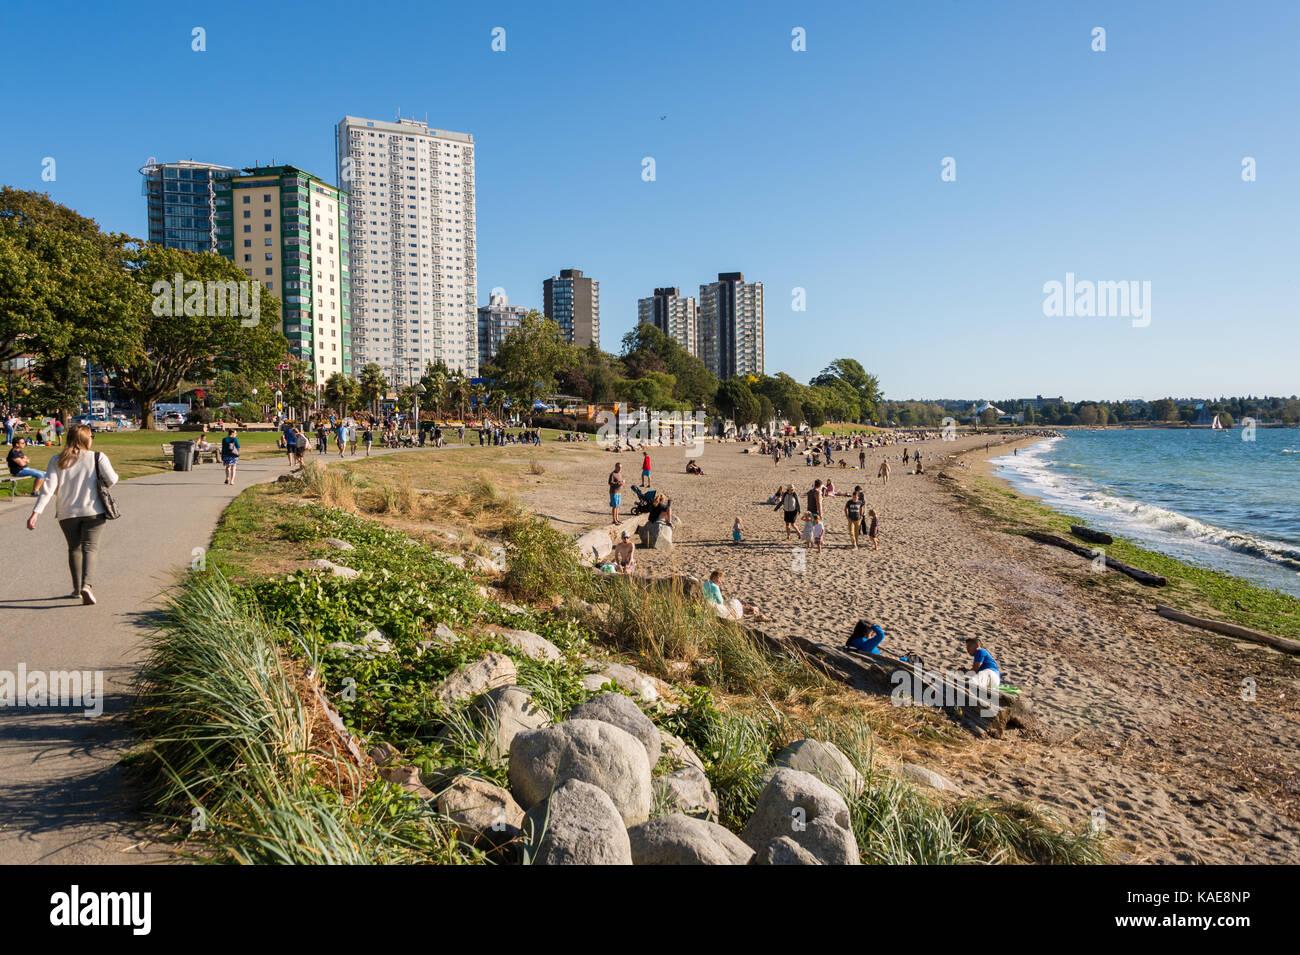 Les personnes bénéficiant d'une journée chaude et ensoleillée à Vancouver English Bay Photo Stock